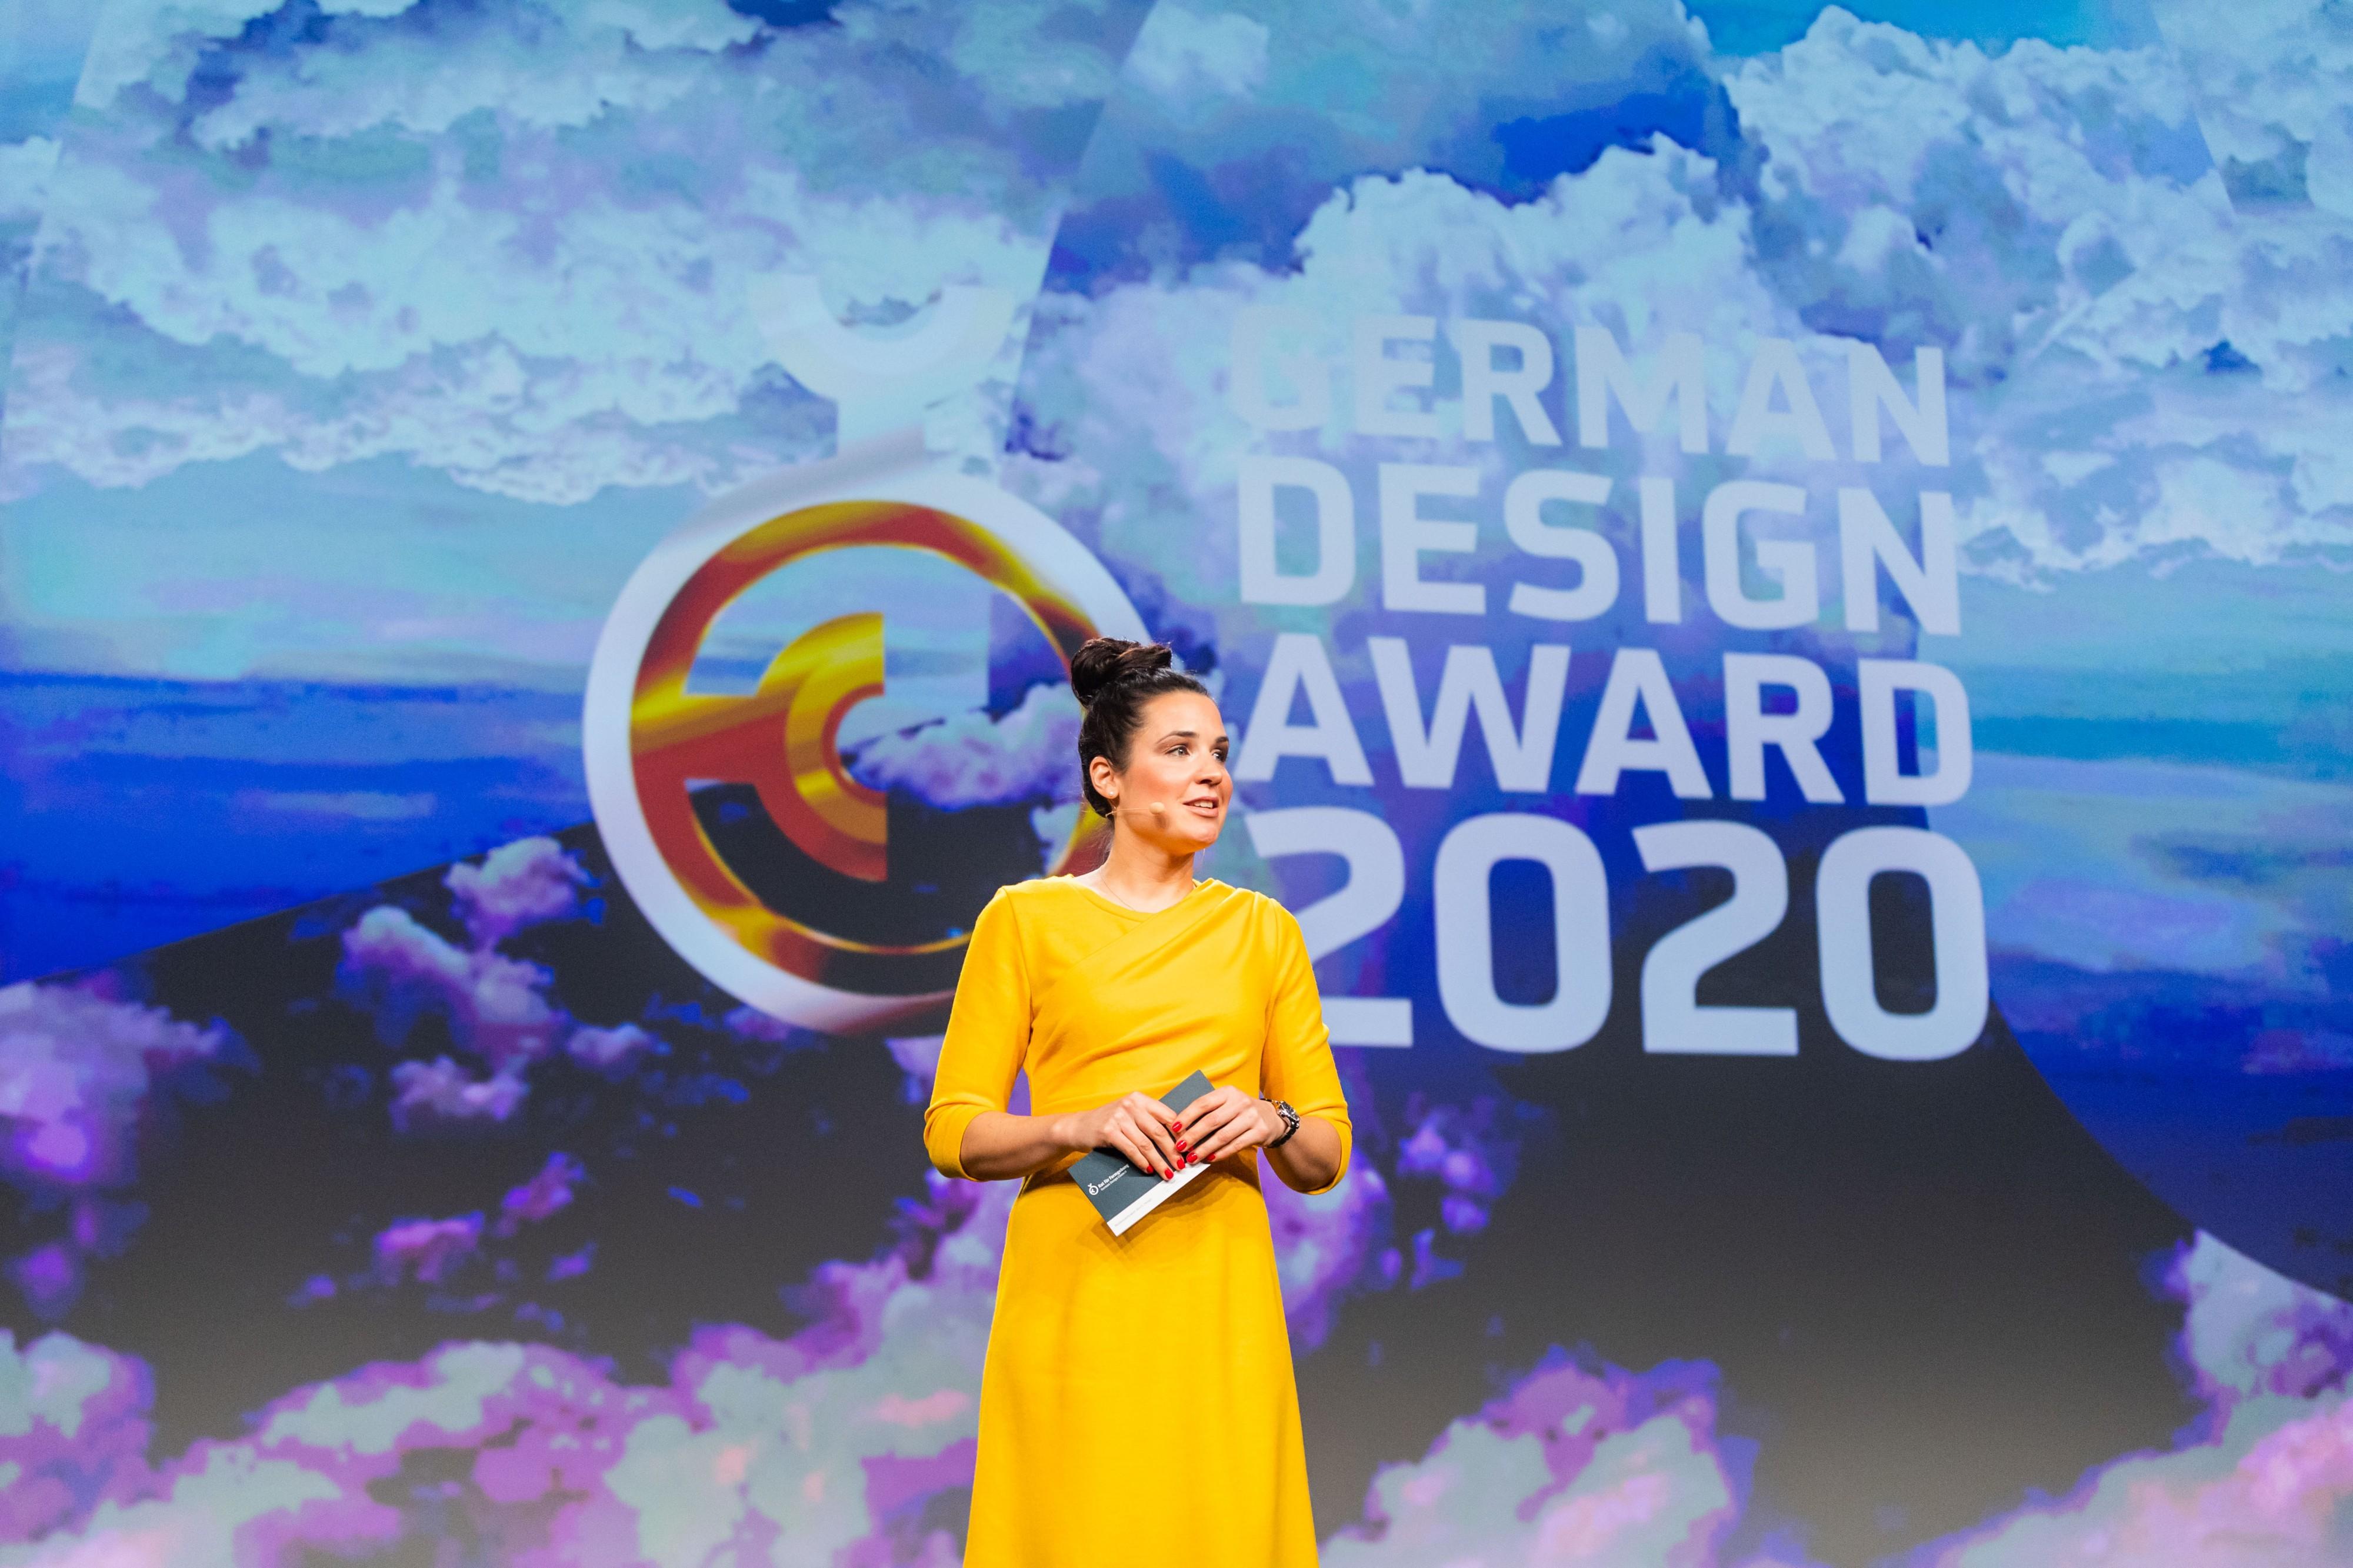 Moderatorin aus Frankfurt  auf der Bühne